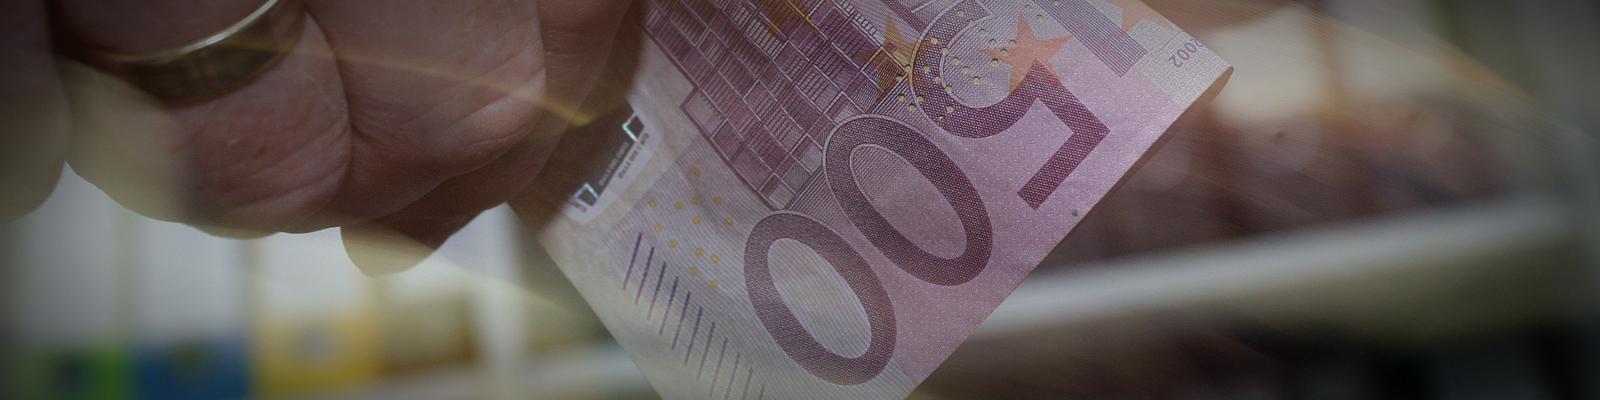 Eine Hand nimmt einen 500-Euro-Geldschein entgegen.